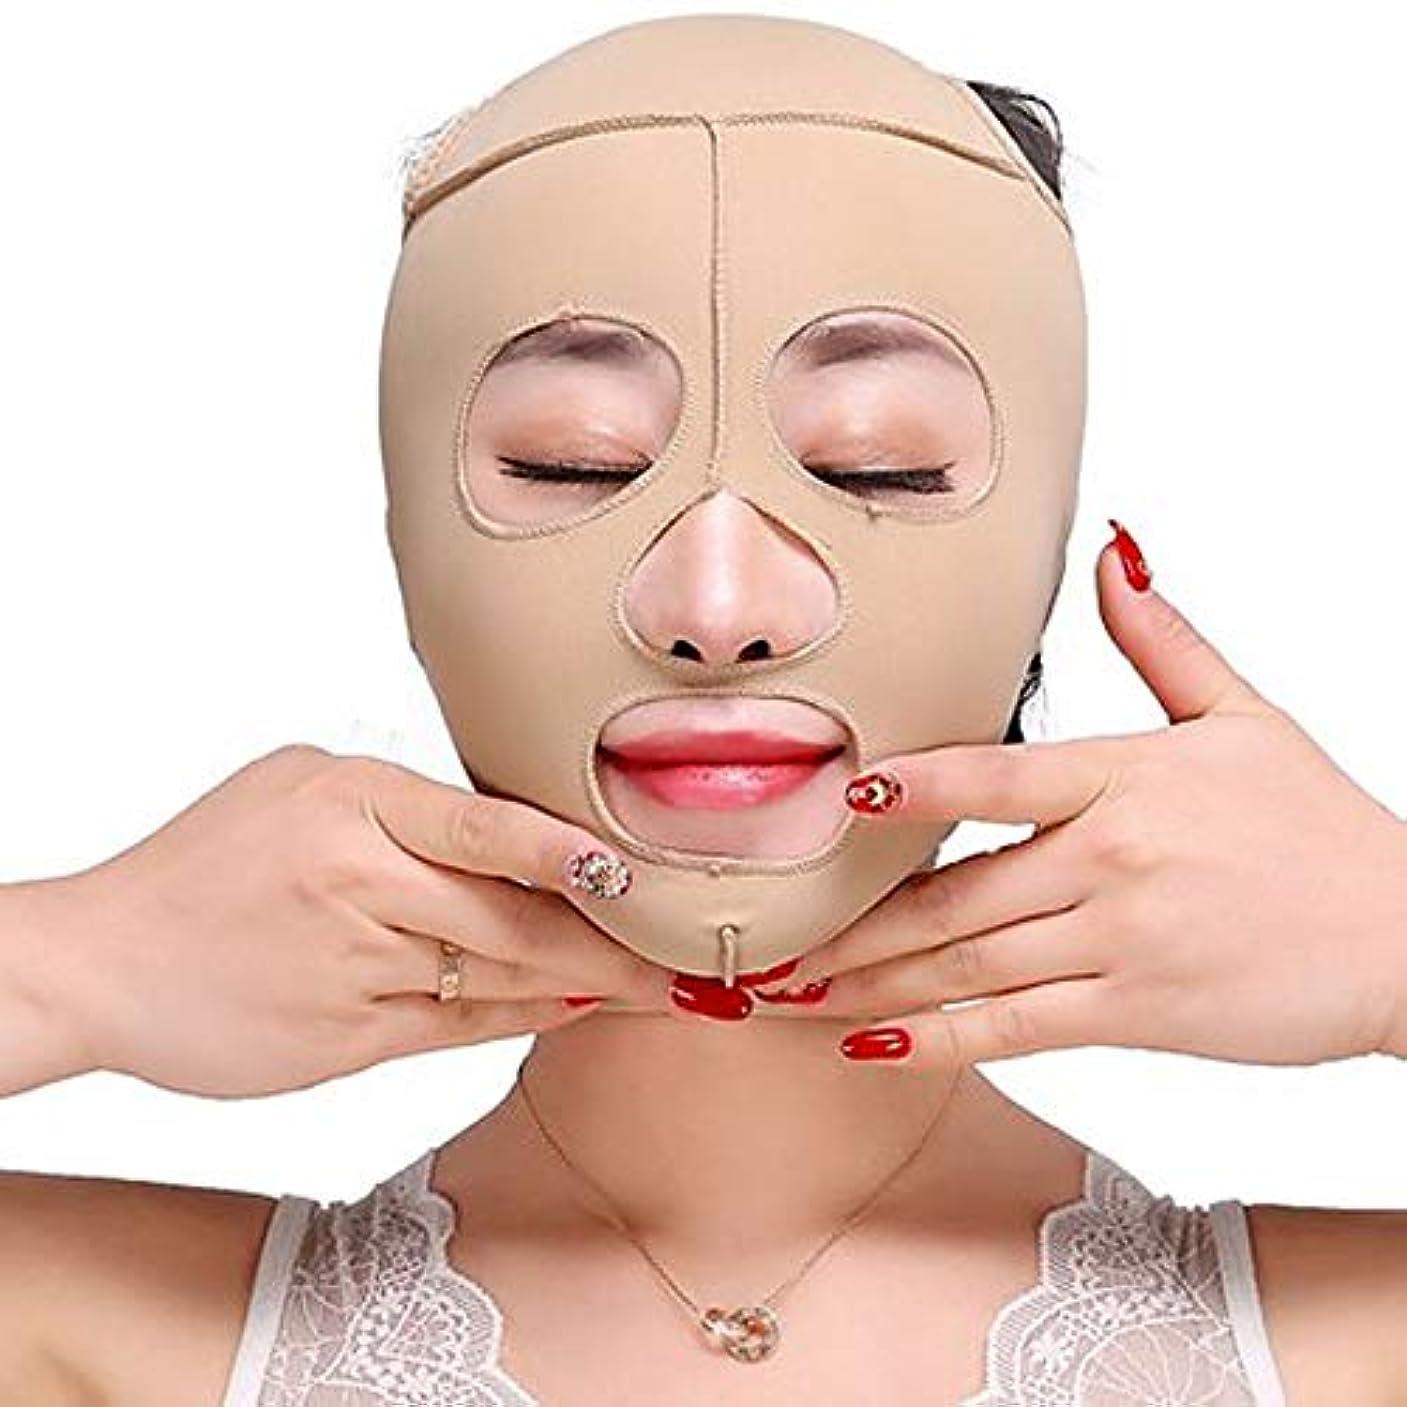 タオル世論調査作るTLMY フェイシャルリフティングフェイシャルVマスクダブルあご薄い顔包帯抗シワリフティングチークライン 顔用整形マスク (Size : L)